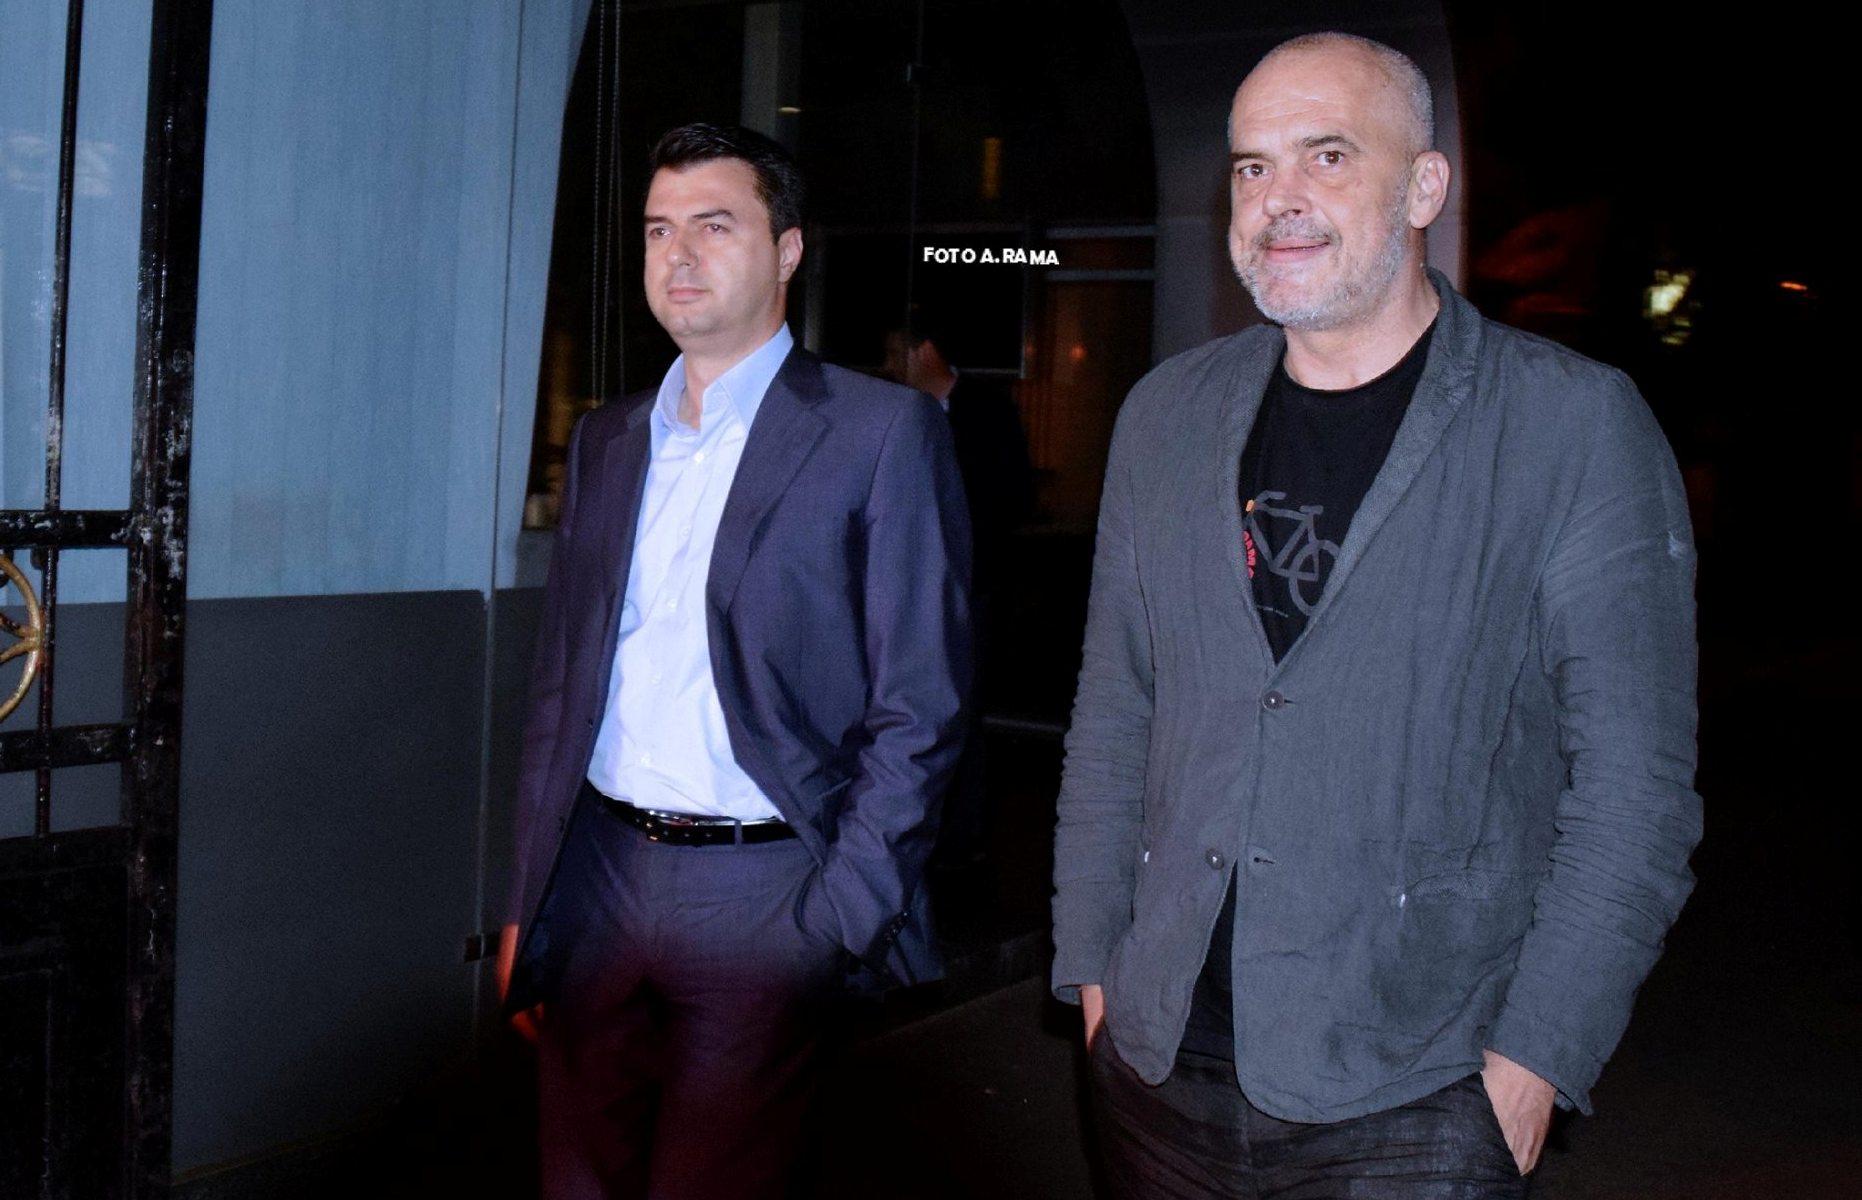 Albanski opozicioni lider ne prihvata poziv za dijalog sa vladajućom strankom